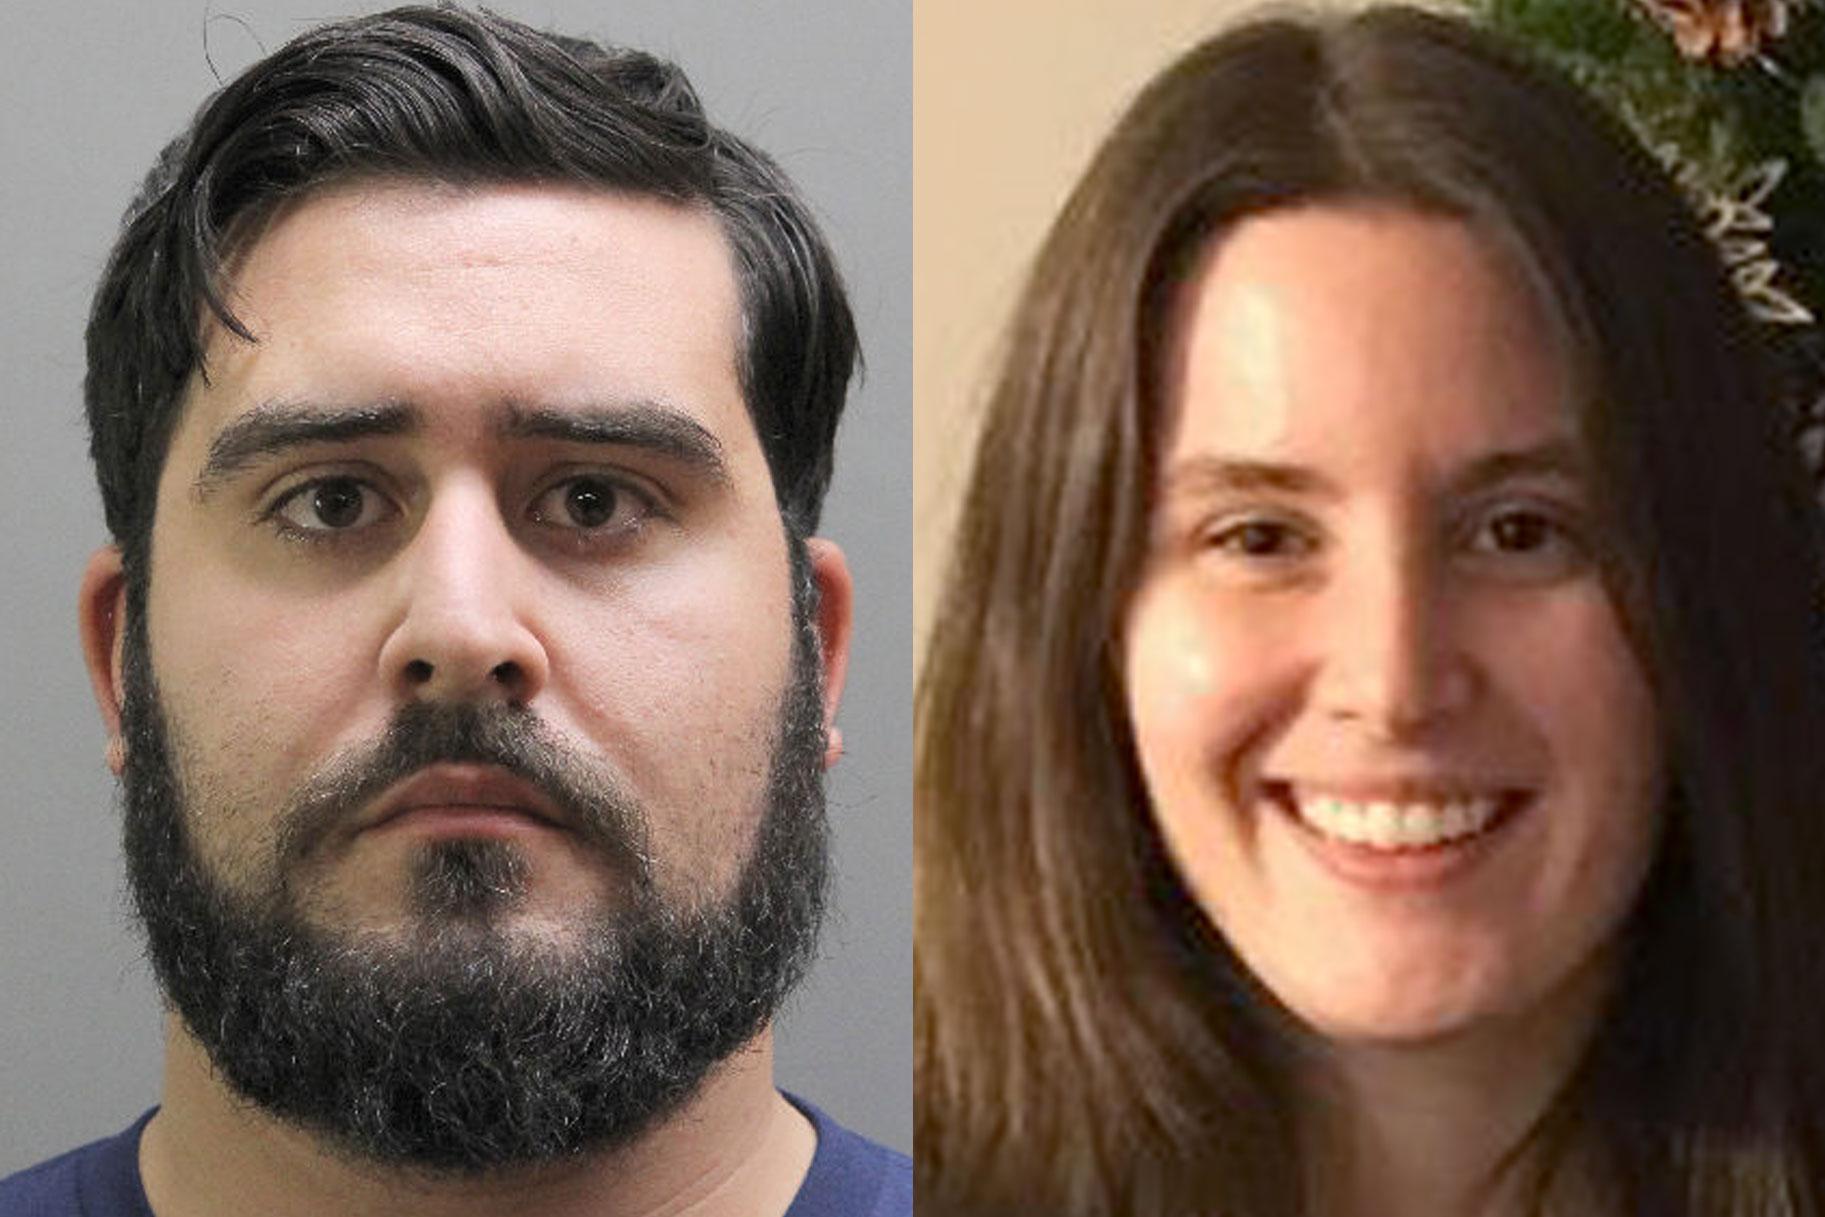 Un hombre supuestamente estranguló a su esposa separada después de descubrir que estaba embarazada